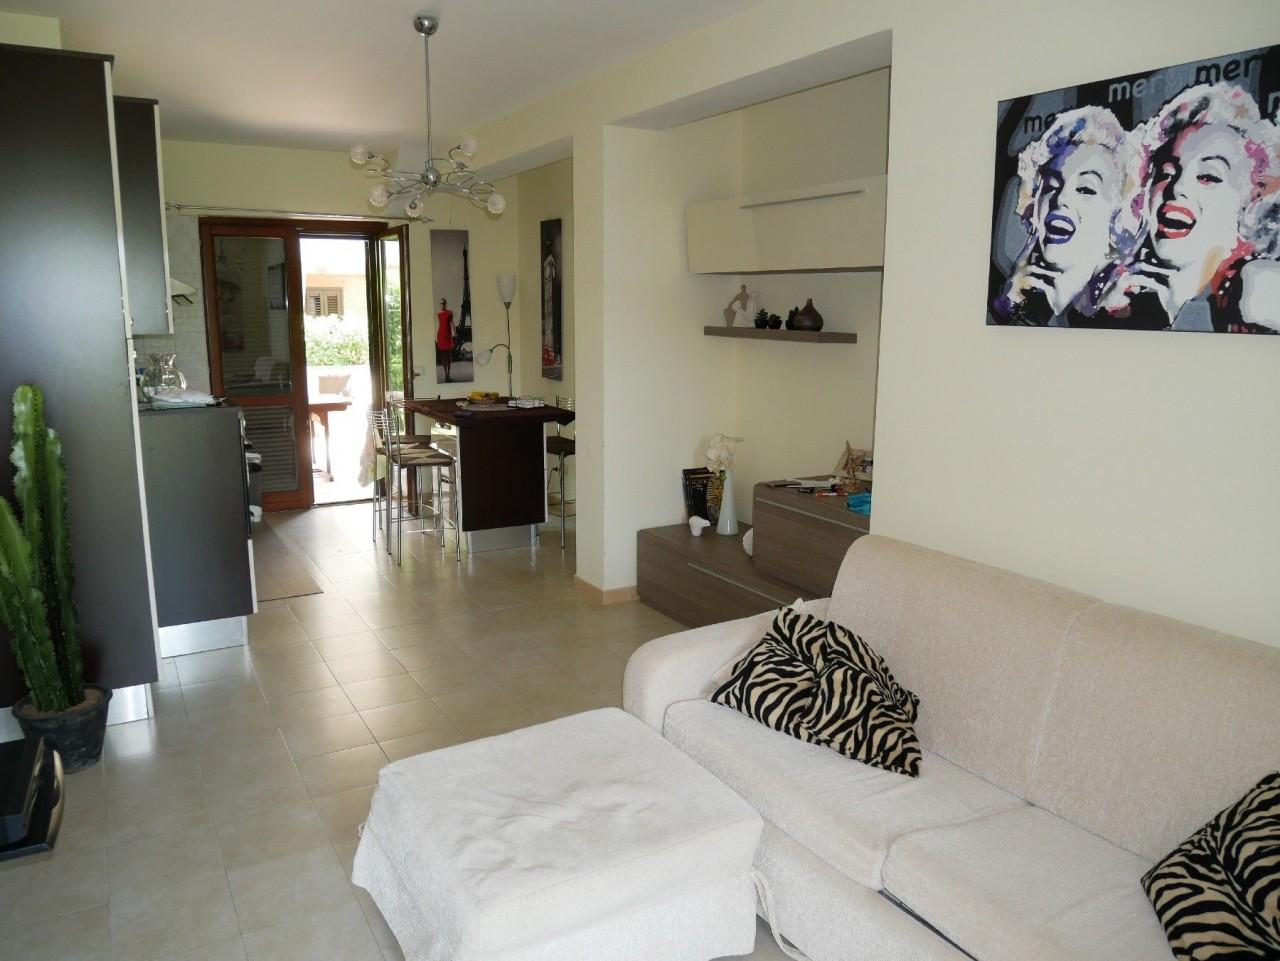 Appartamento in vendita a Montenero di Bisaccia, 3 locali, prezzo € 110.000 | PortaleAgenzieImmobiliari.it